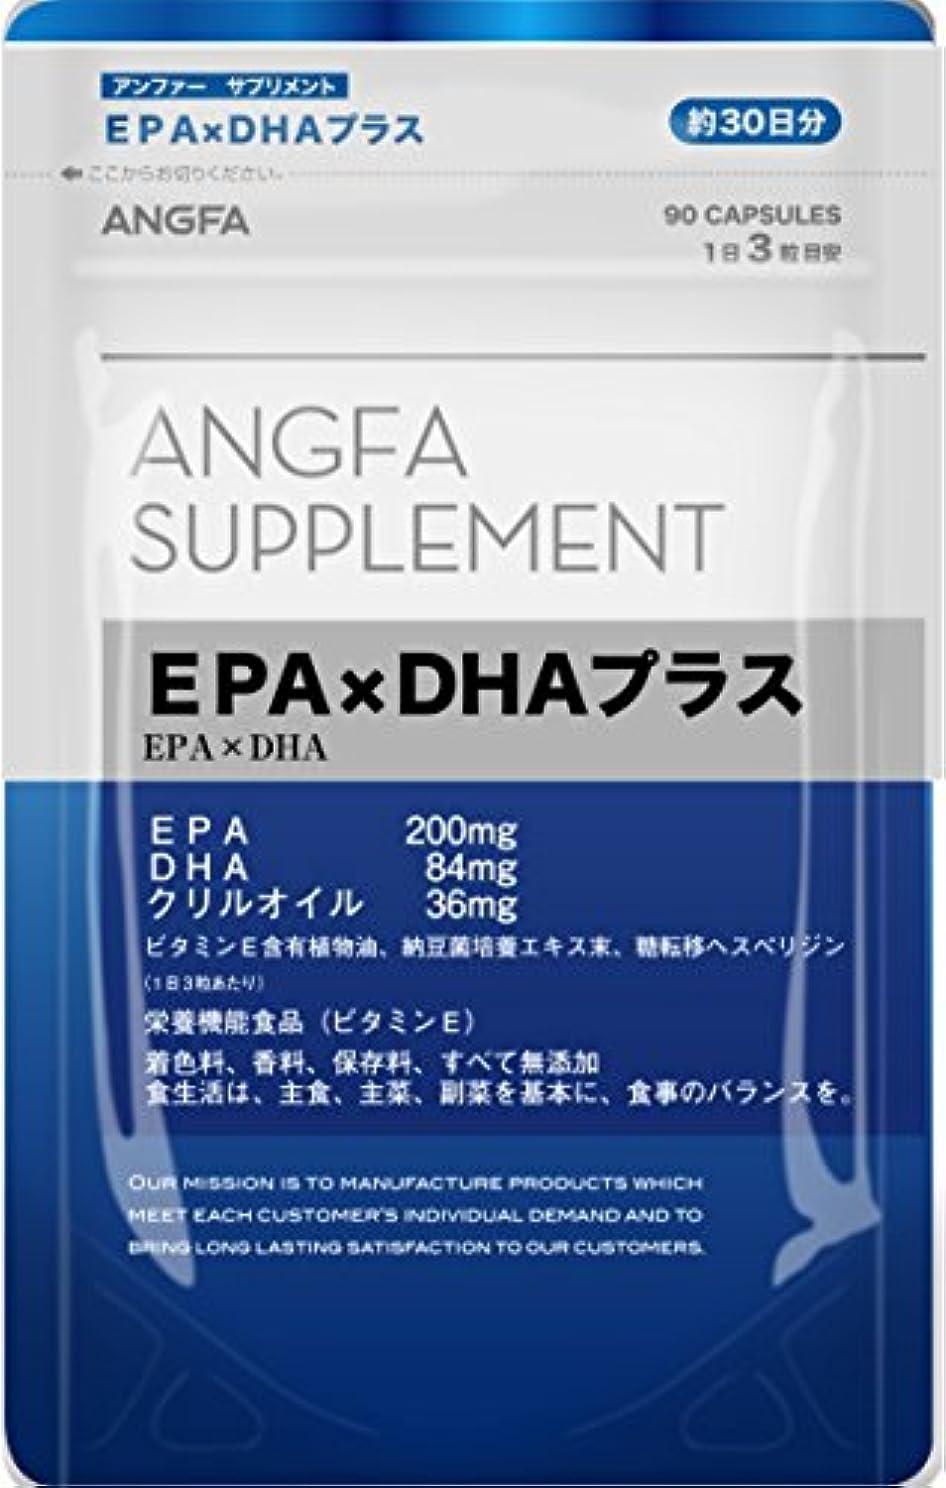 肘掛け椅子会話水平アンファー (ANGFA) サプリメント EPA × DHA プラス 90粒